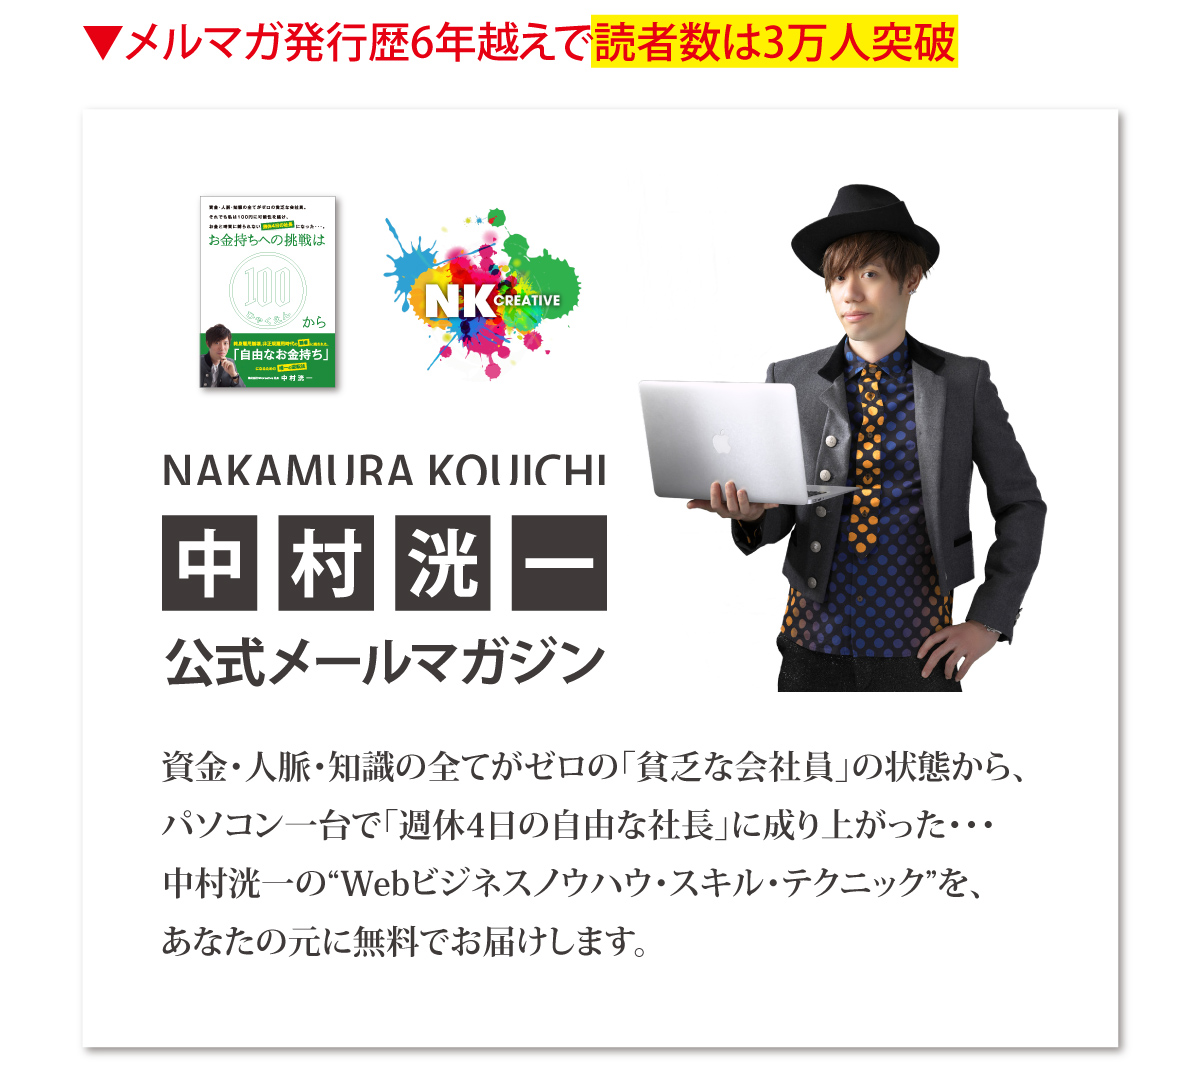 nakamurakouichi_webagent_9